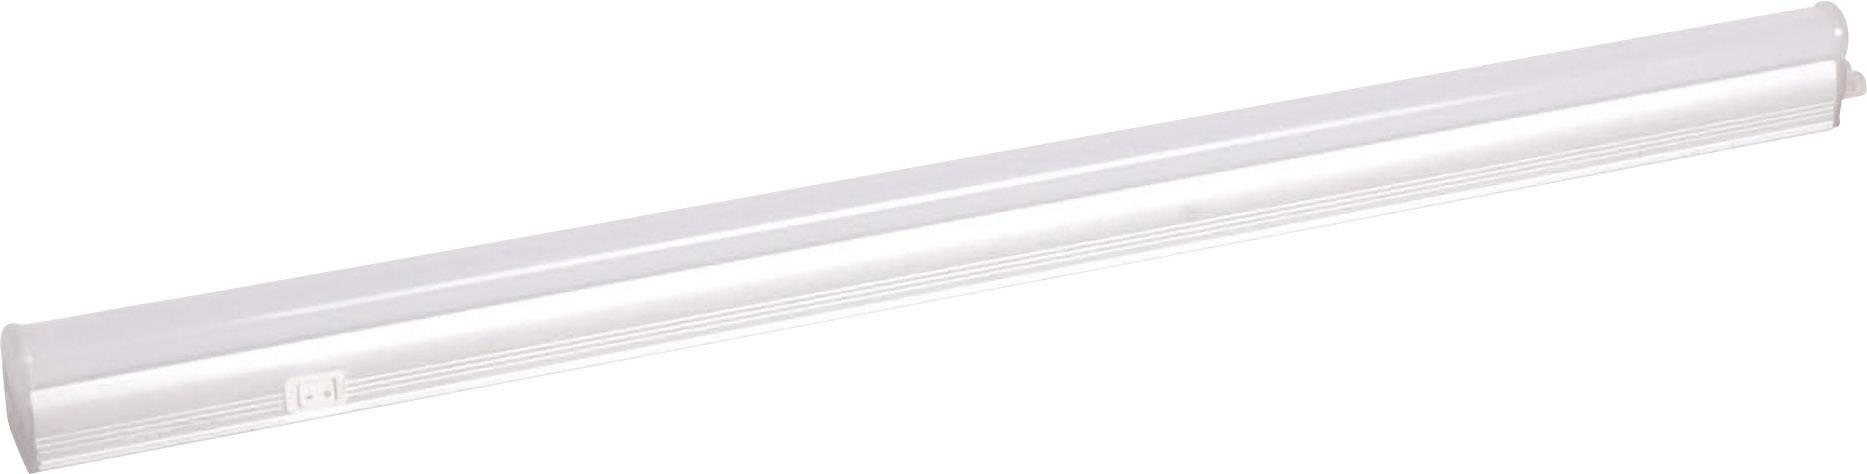 Hliníkové LED světlo pod linku Renkforce, 8 W, studená bílá